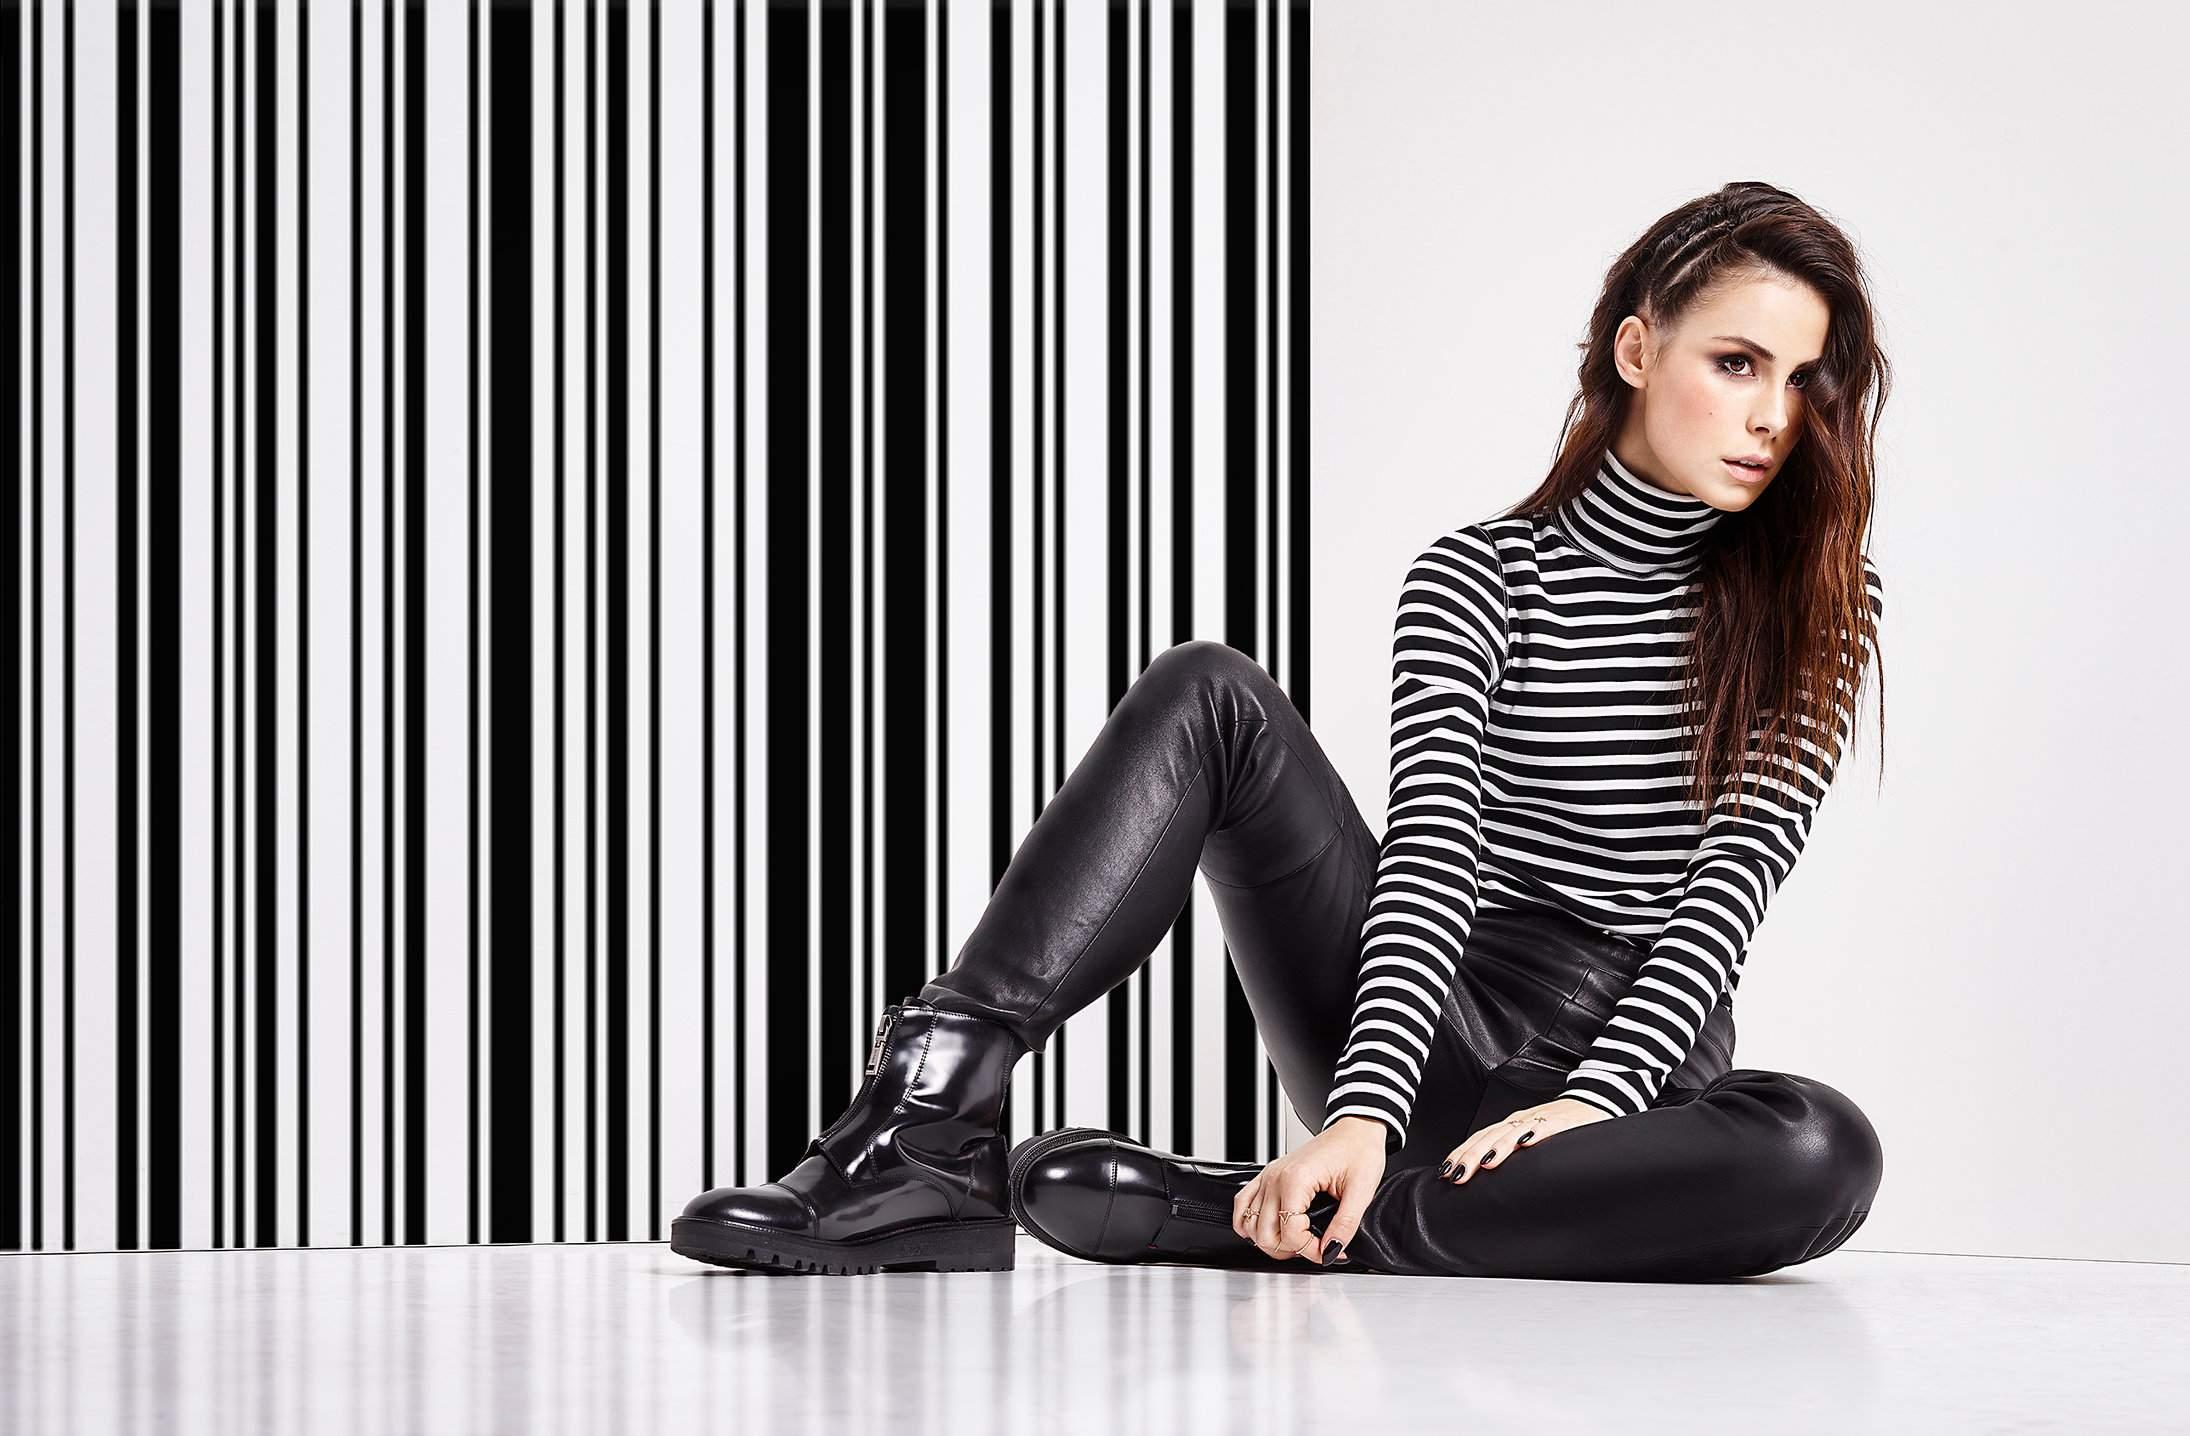 Lena Meyer Landrut photoshoot for Teaser Magazine